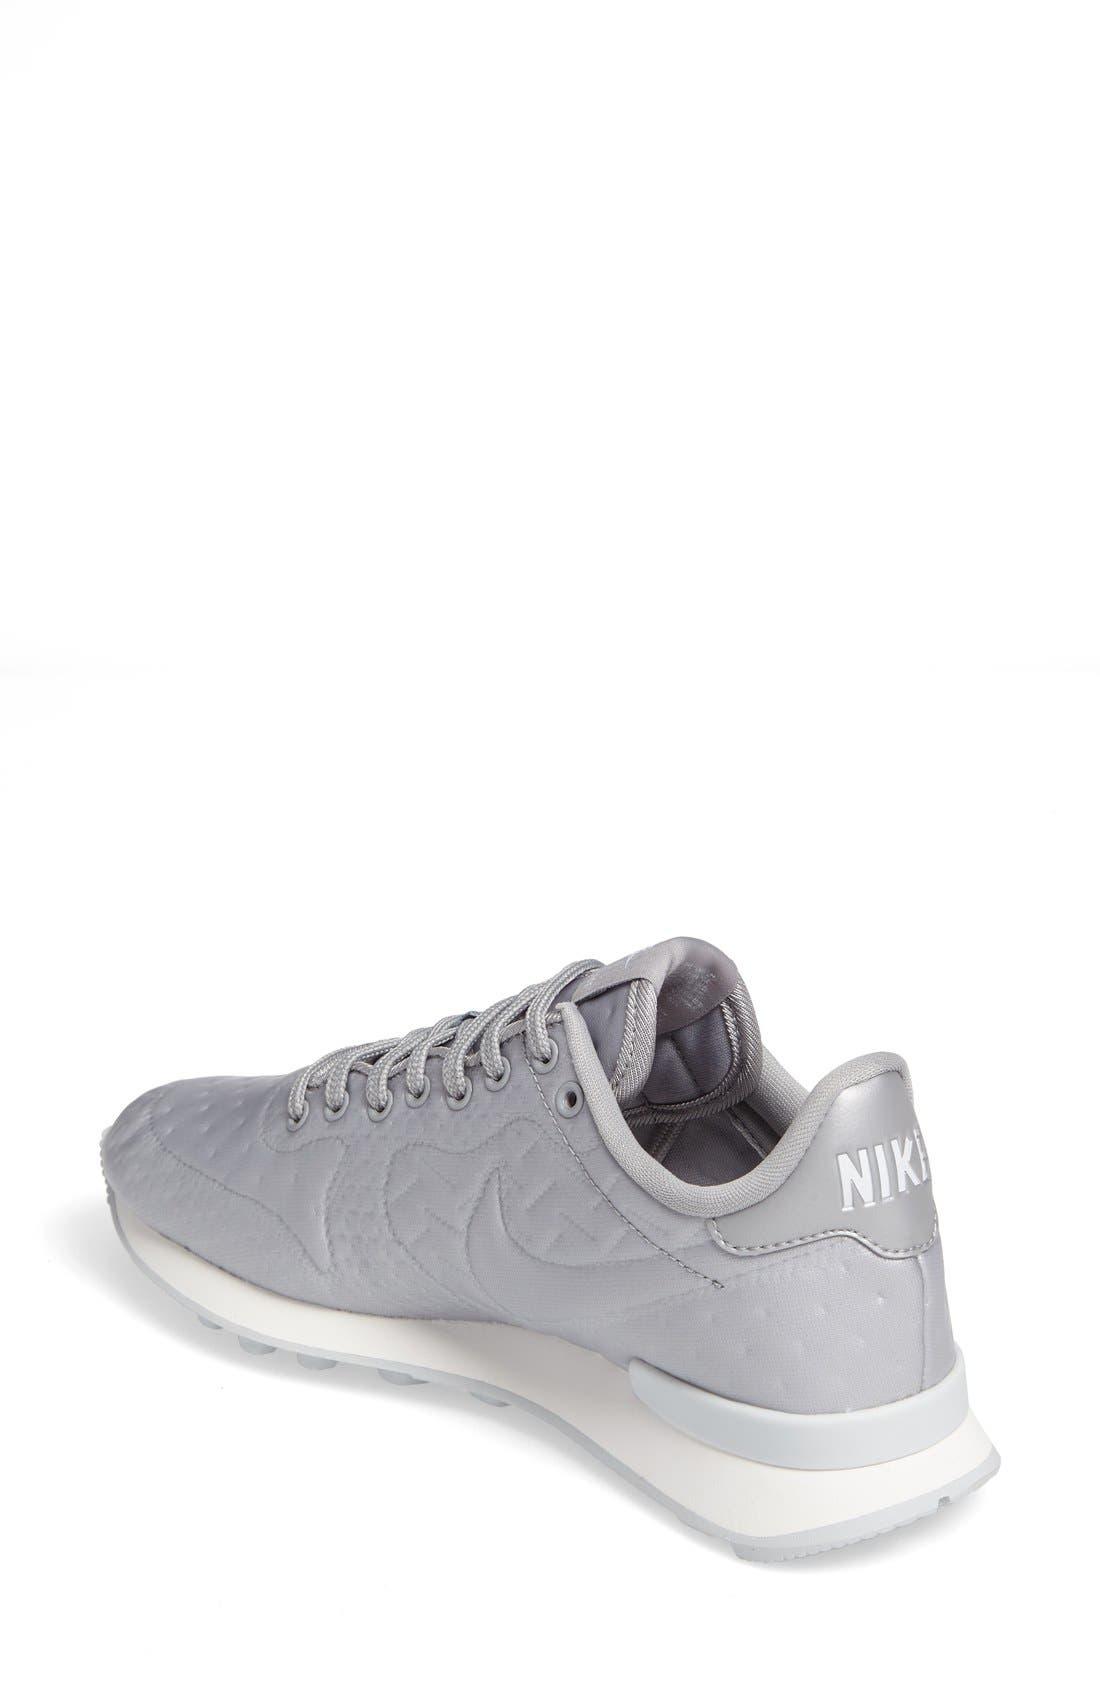 Alternate Image 2  - Nike Internationalist Sneaker (Women)